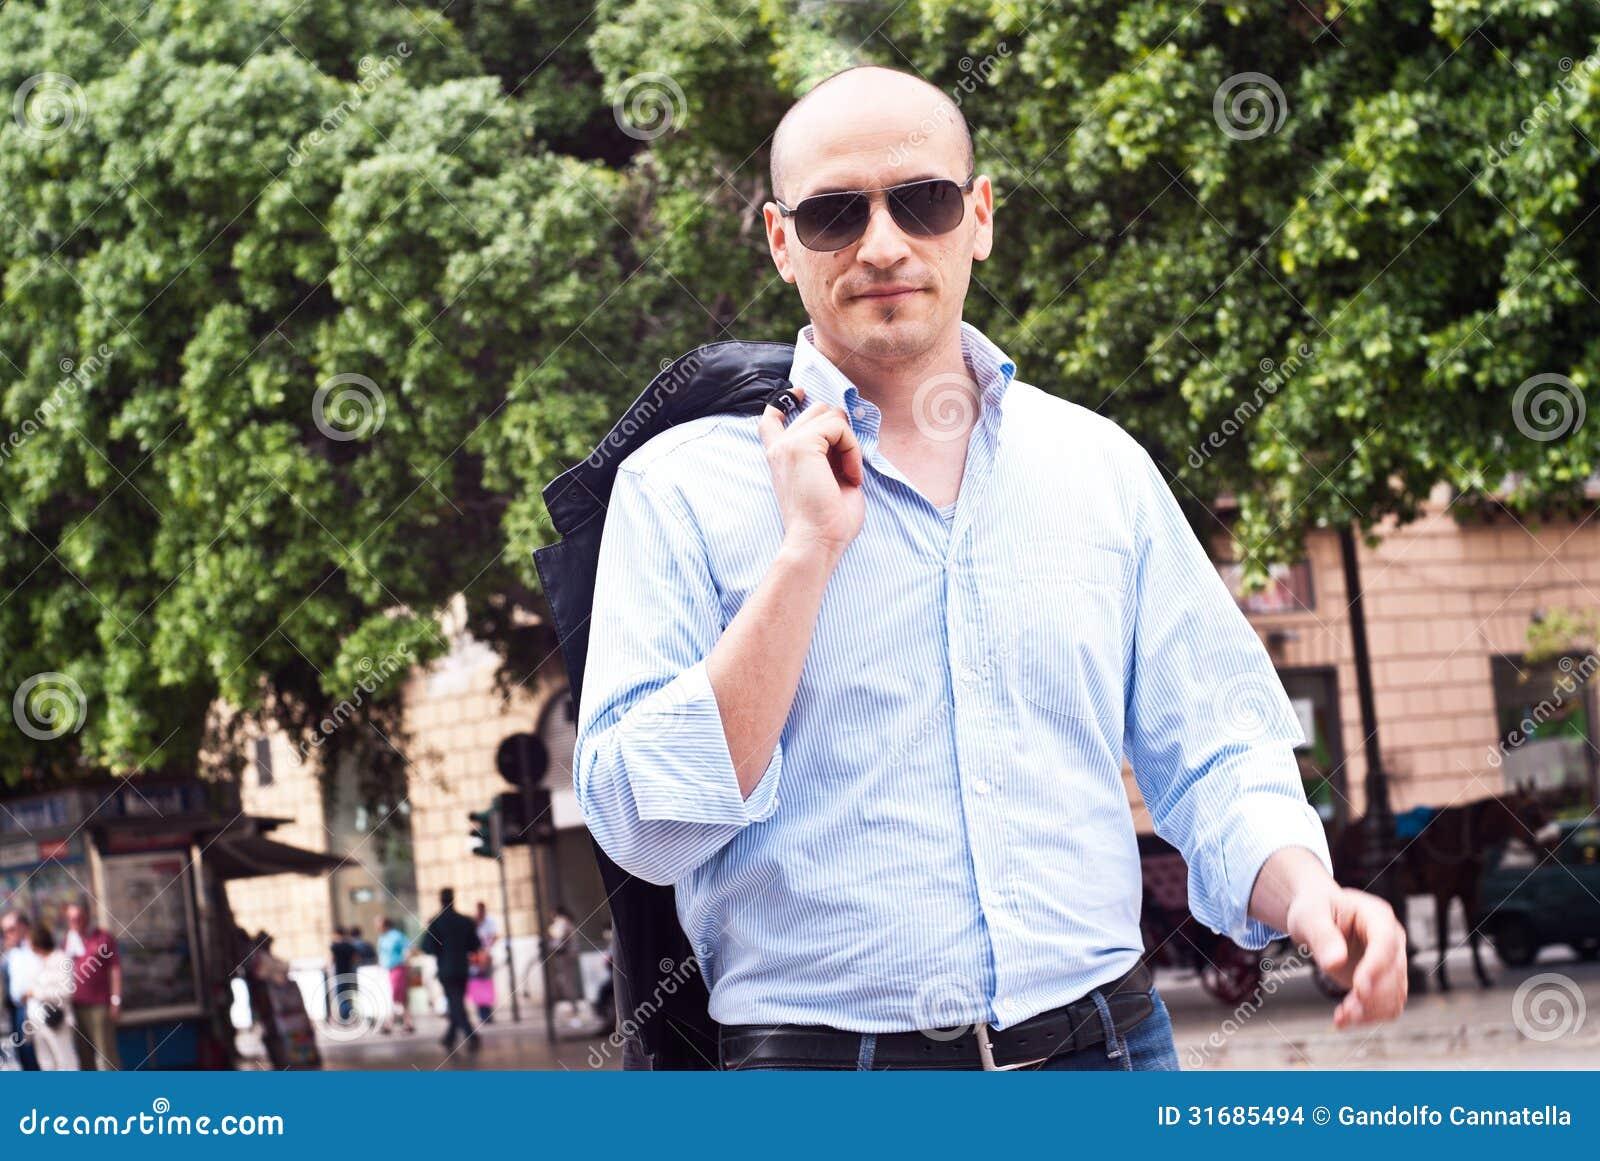 Portret atrakcyjny wspaniały facet jest ubranym okulary przeciwsłonecznych